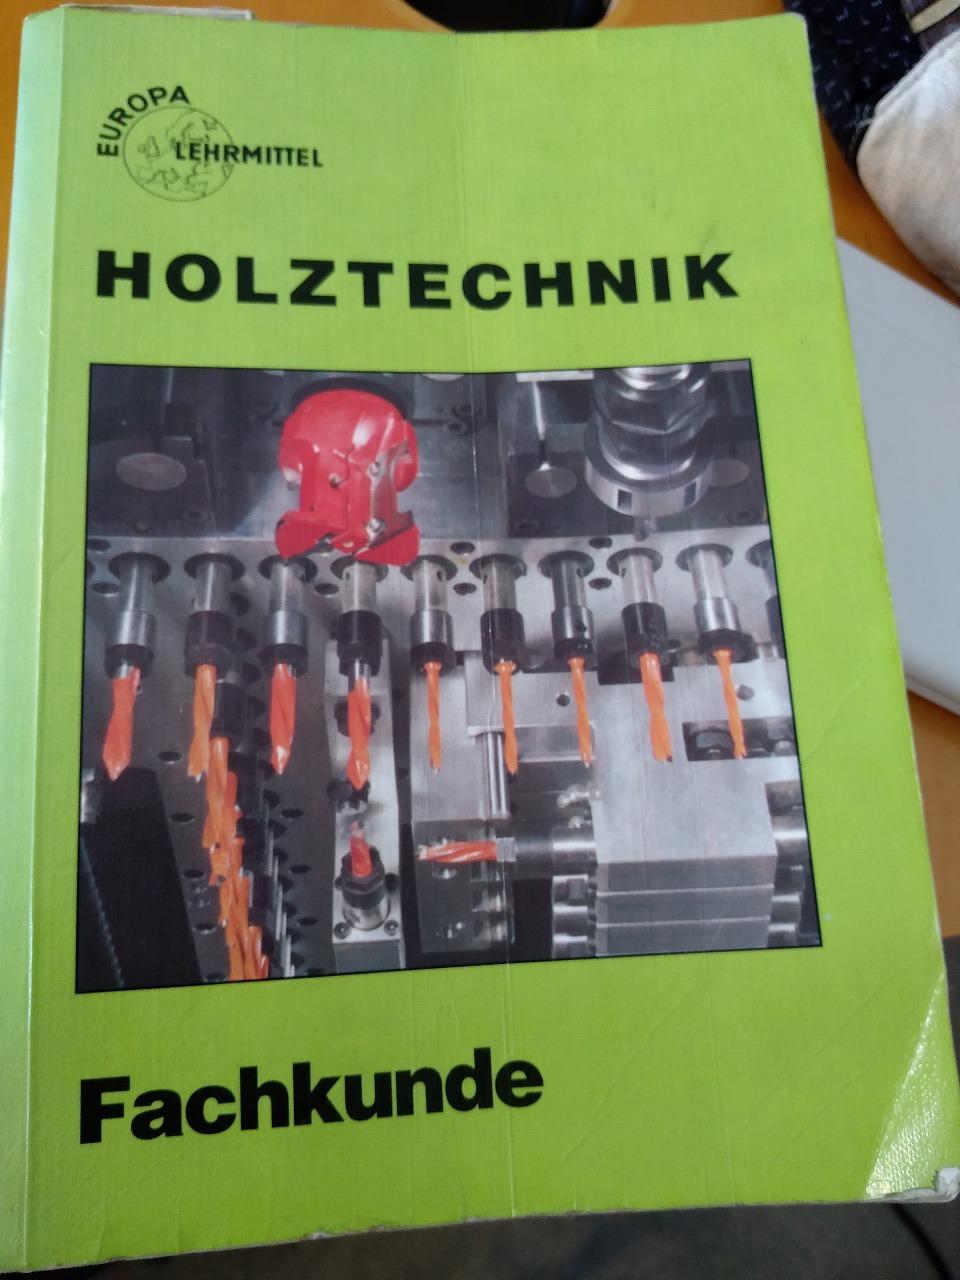 TischlerのAusbildung教本_a0355629_12503610.jpg